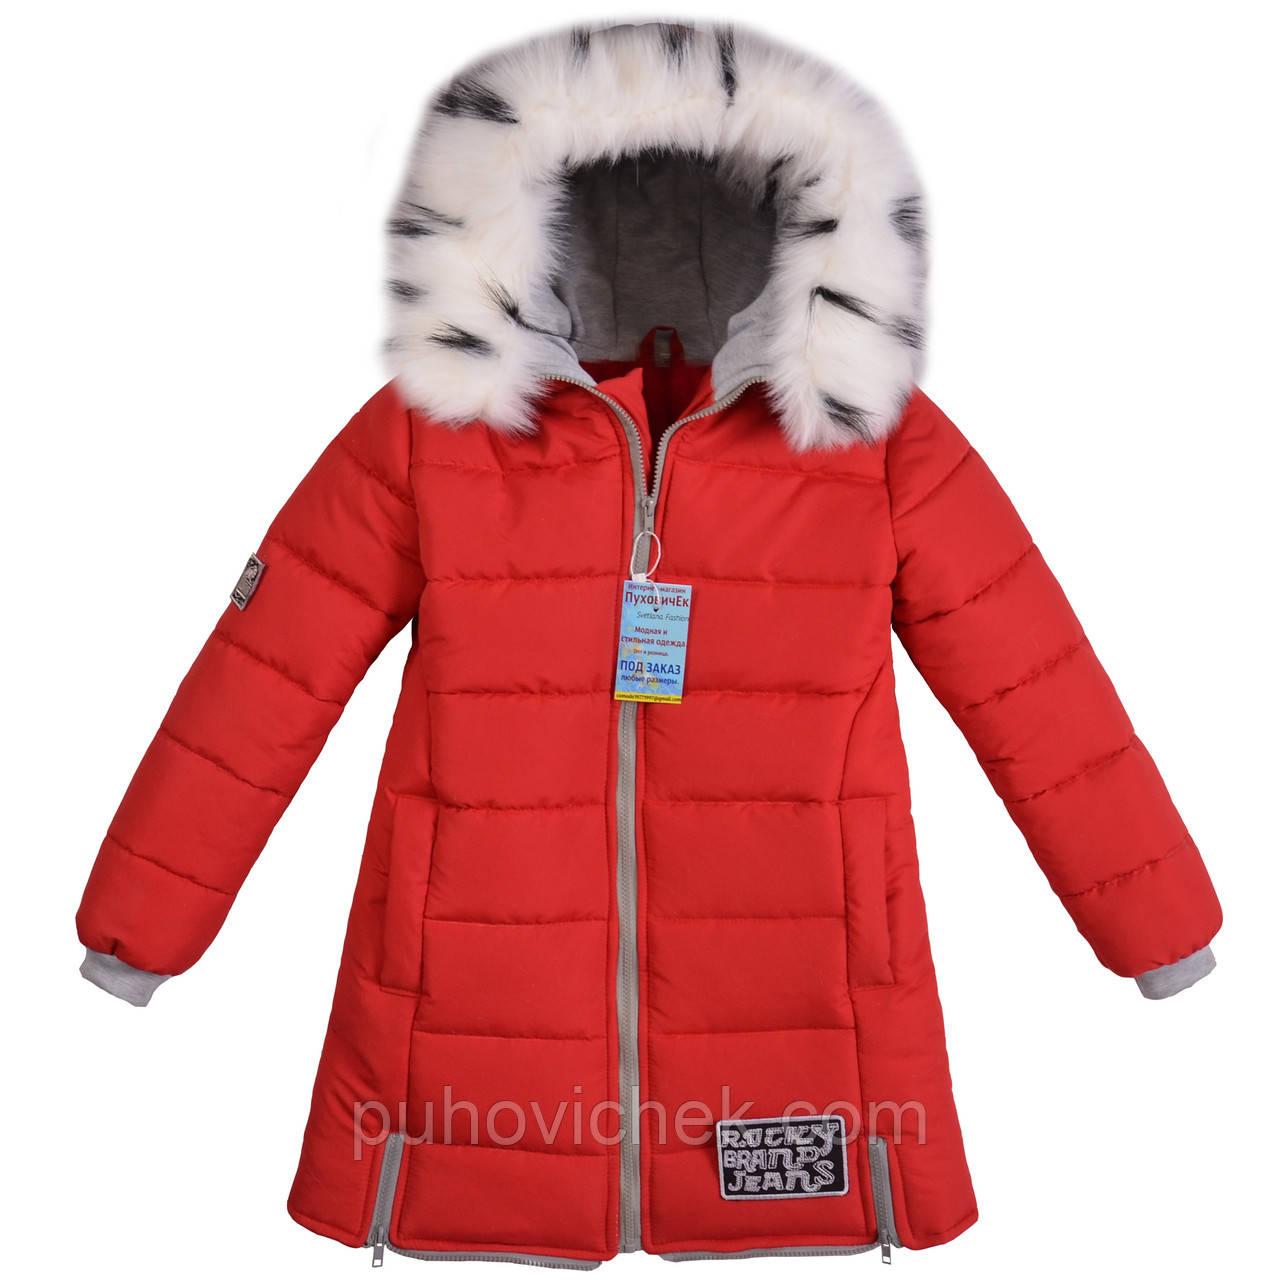 56e233b080b Зимние куртки пуховики для девочек интернет магазин 55 - Интернет магазин  Линия одежды в Харькове